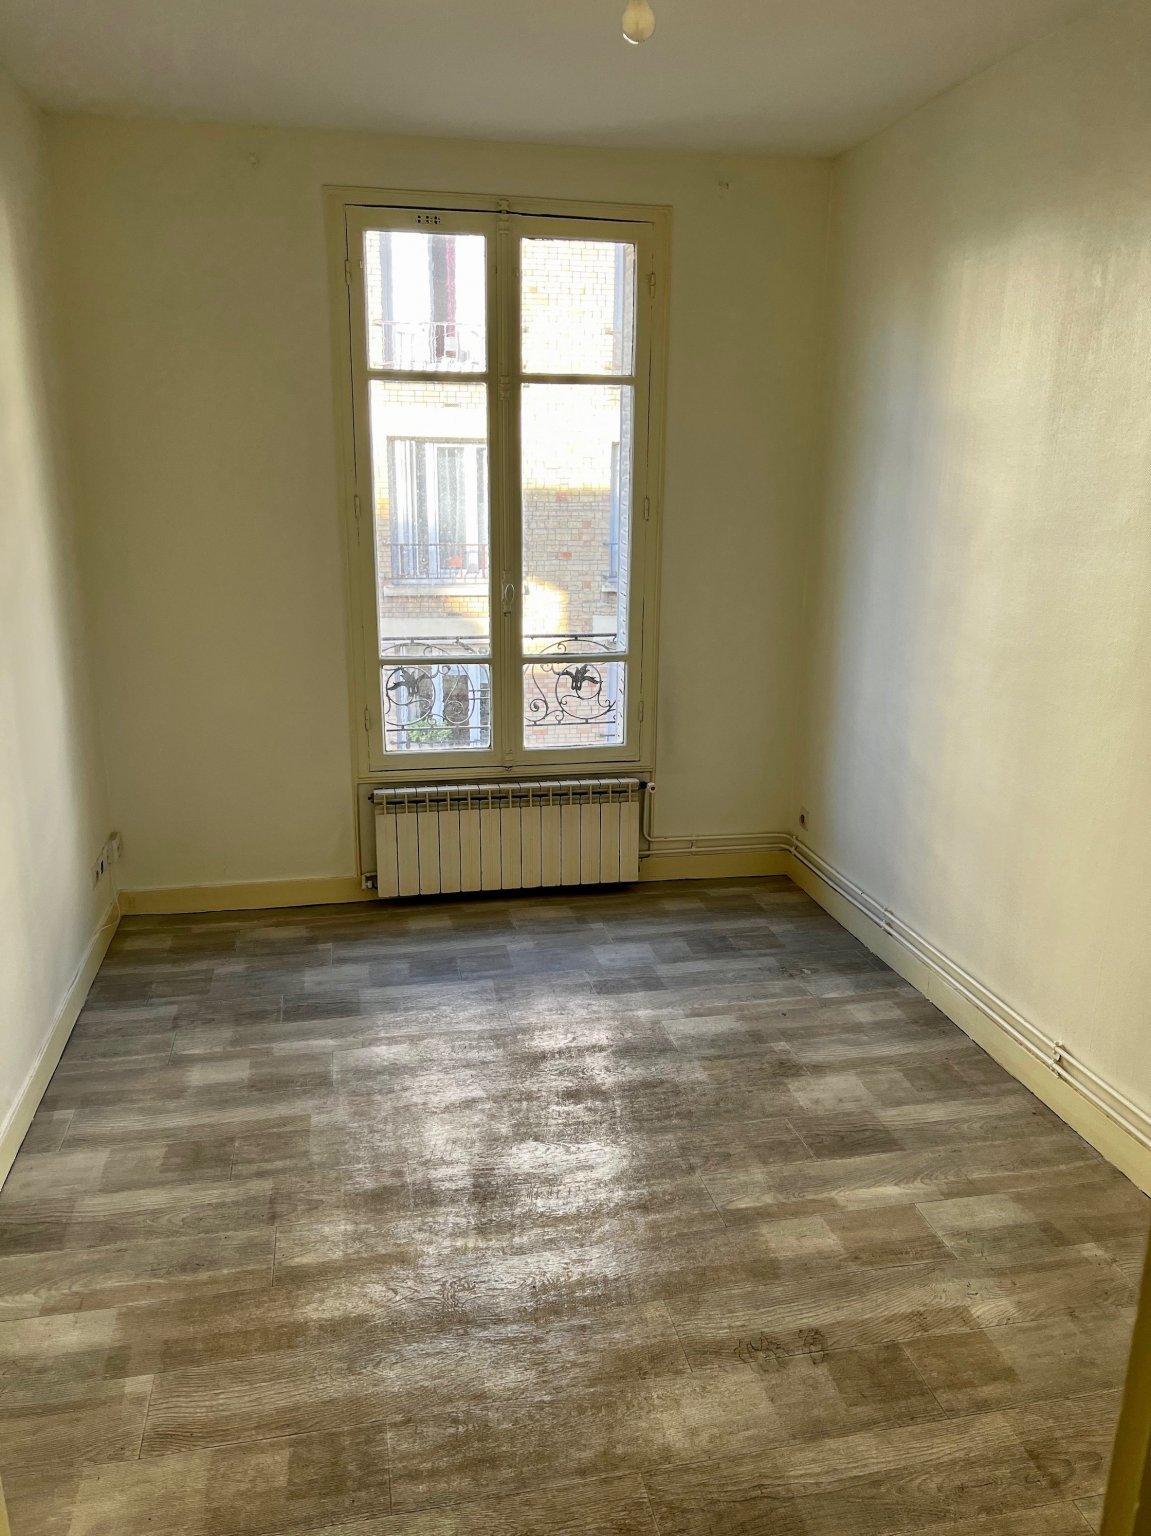 Appartement a louer boulogne-billancourt - 1 pièce(s) - 16.93 m2 - Surfyn